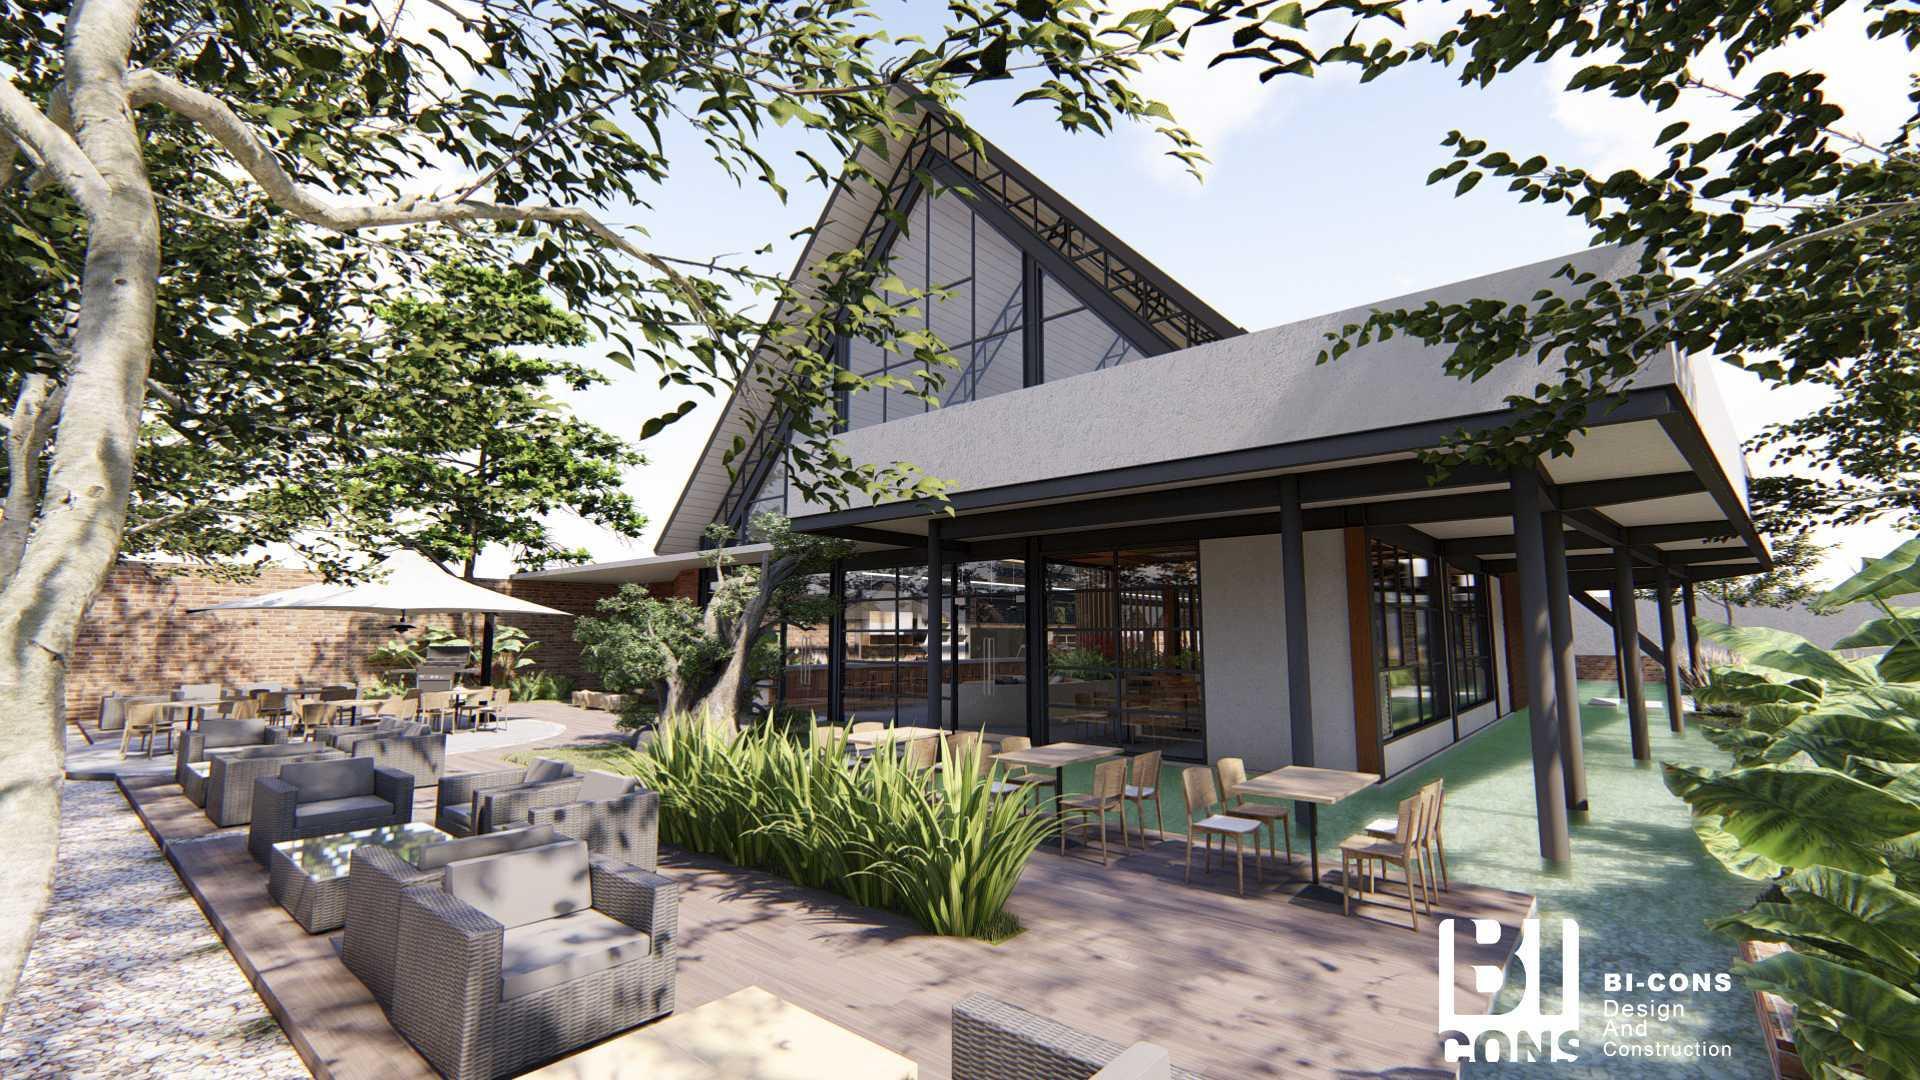 Bicons Design And Construction Downtown Restaurant Kota Denpasar, Bali, Indonesia Kota Denpasar, Bali, Indonesia Bicons-Design-And-Construction-Downtown-Restaurant  64007